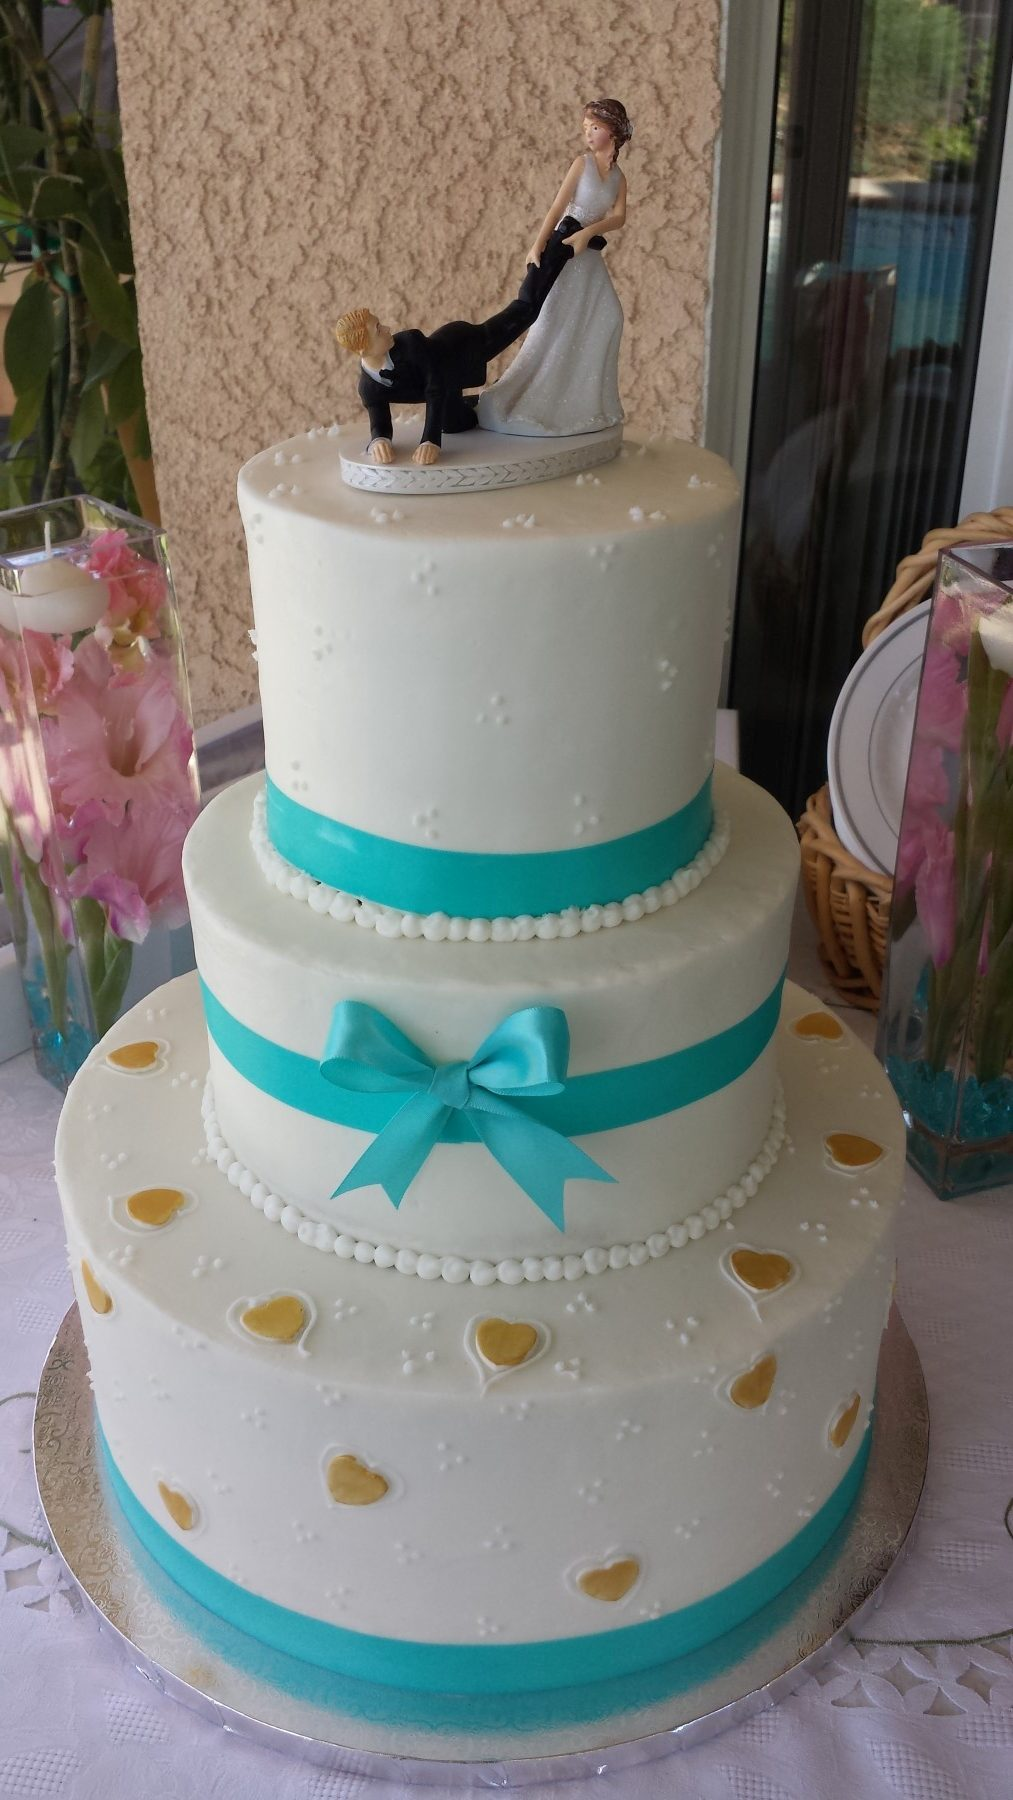 Elegant Wedding Cakes By Cake Among Us Bakery & Donuts